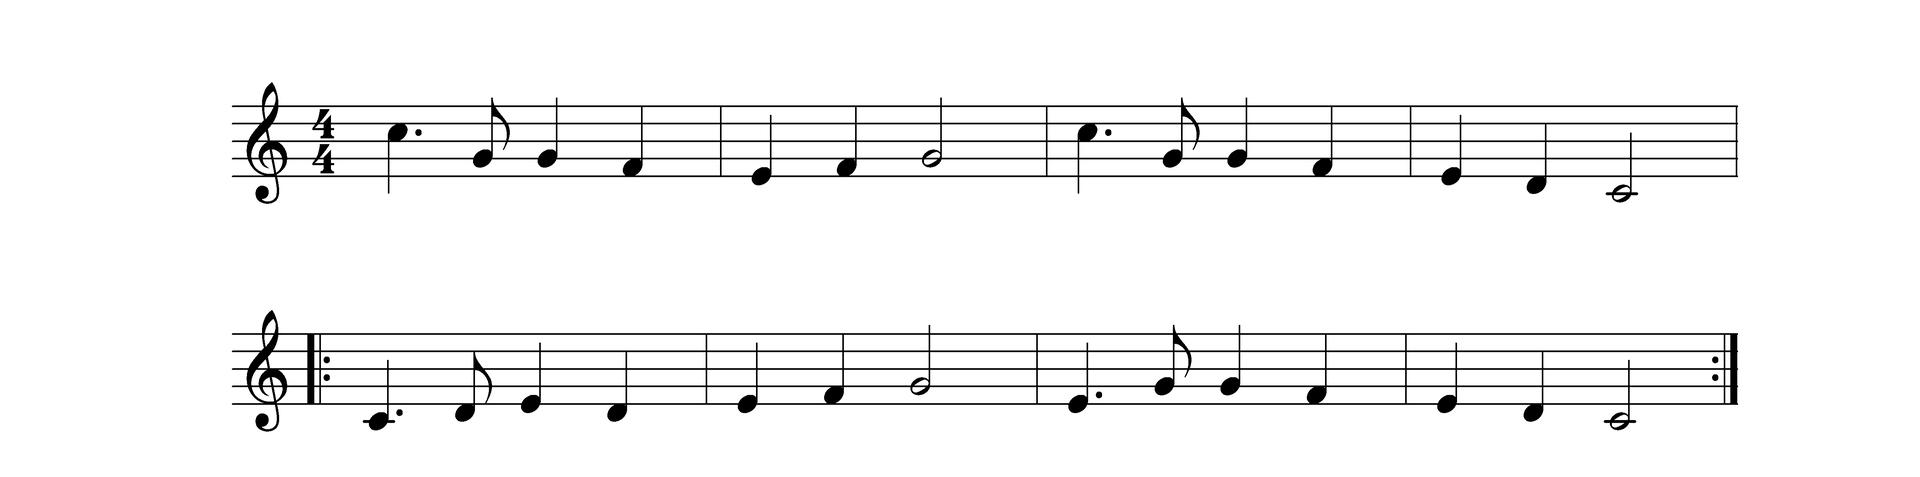 Zapis nutowy składa się z2 pięciolinii - 8 taktów. Poszczególne dźwięki wzapisie to c2, g, g,f, e, f, g, c2, g, g, f, e, d, c. c,d,e,d,e,f,g,e,g,g,f,e,d,c.